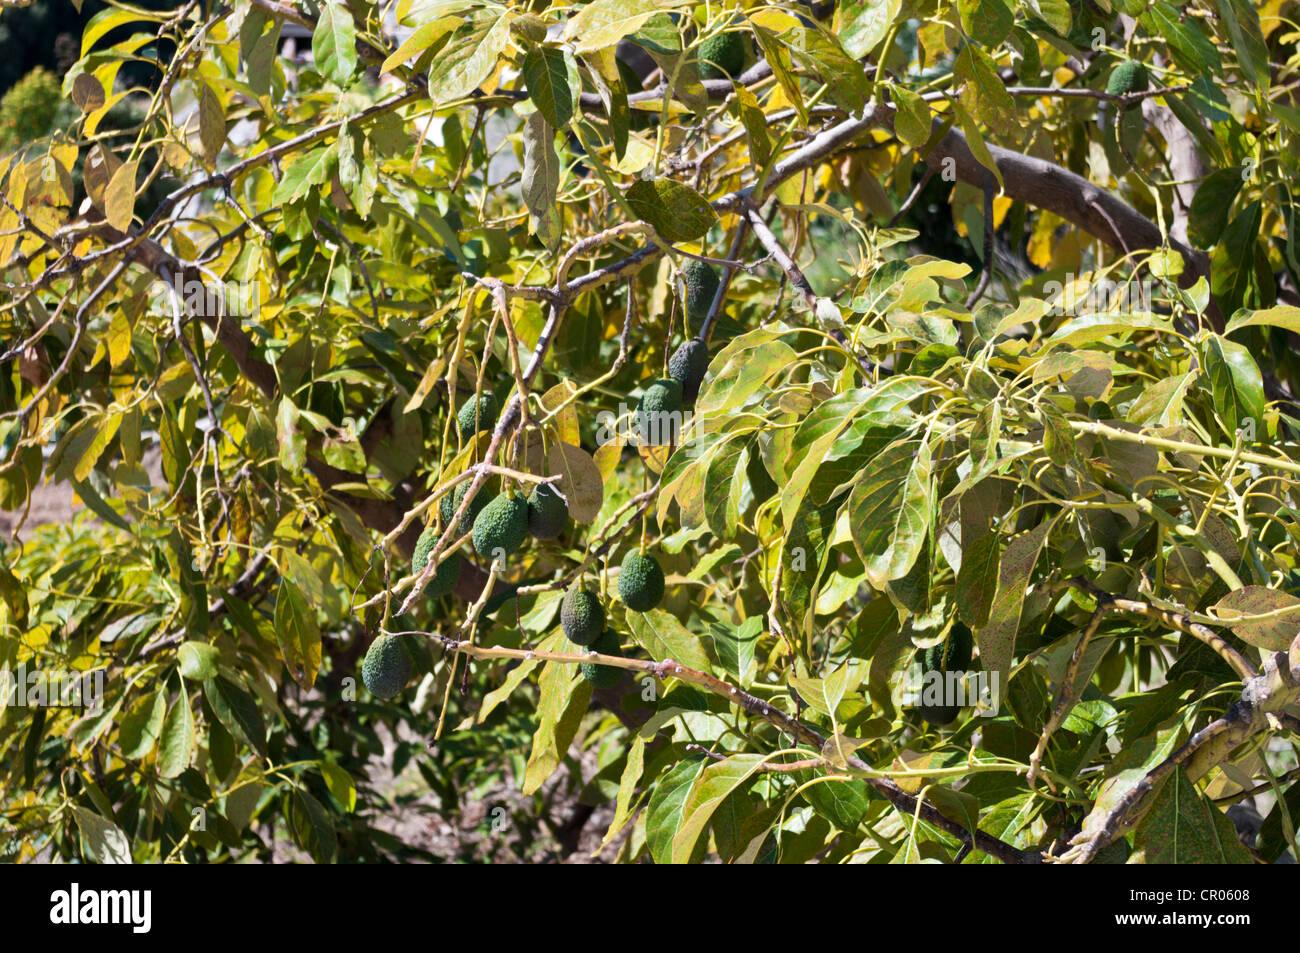 persea americana ou poire d'avocat in situ sur l'arbre banque d